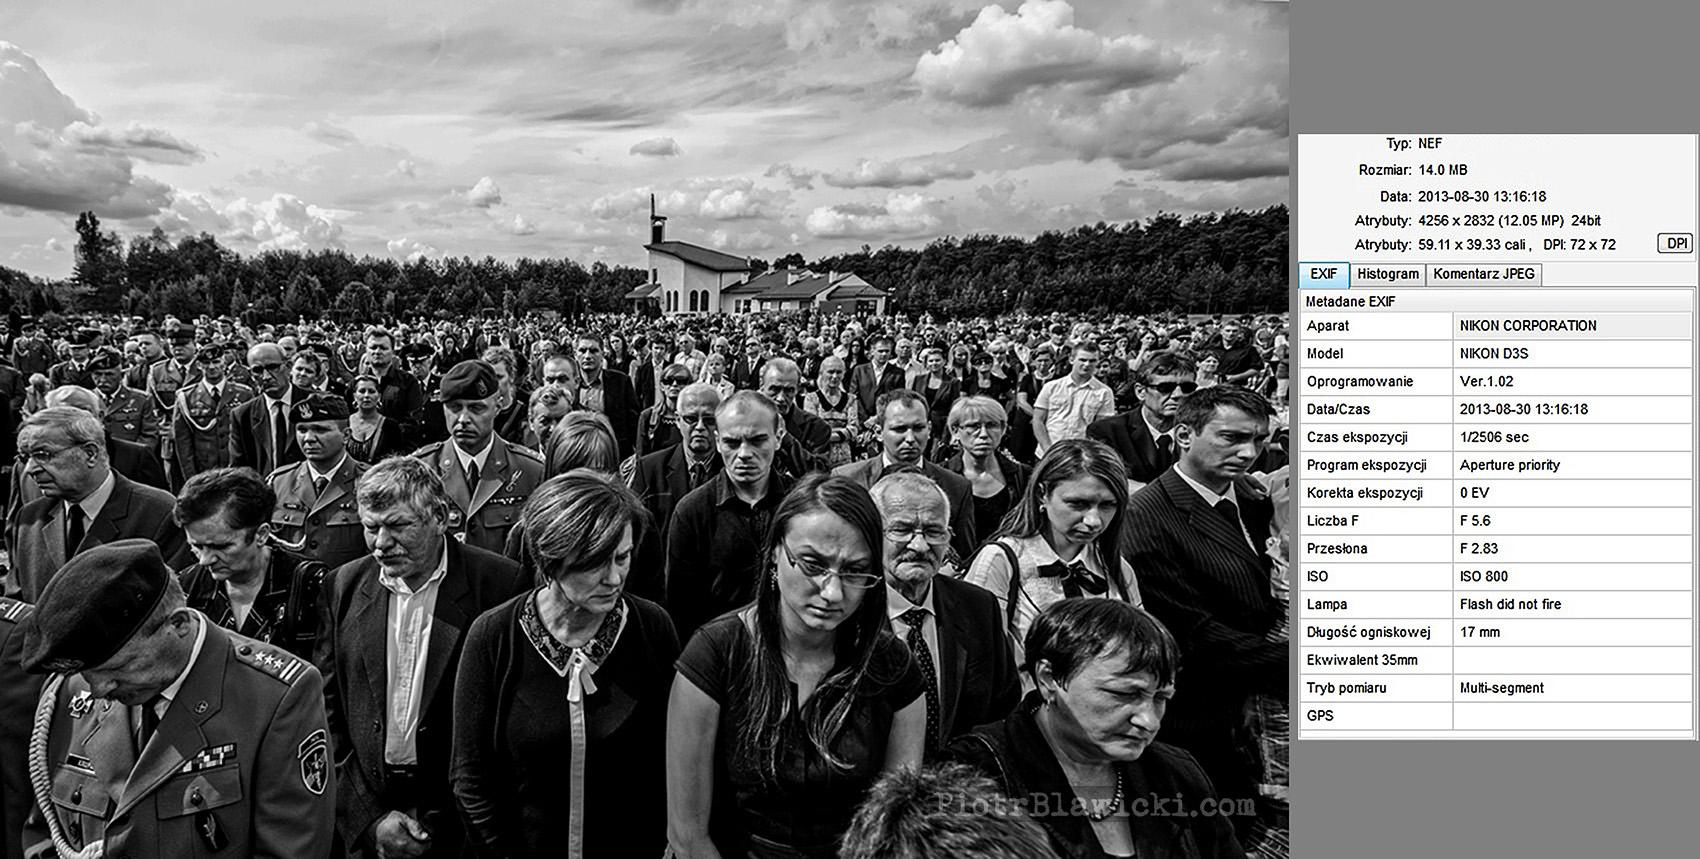 na pogrzeb przyszła prawie cała miejscowość